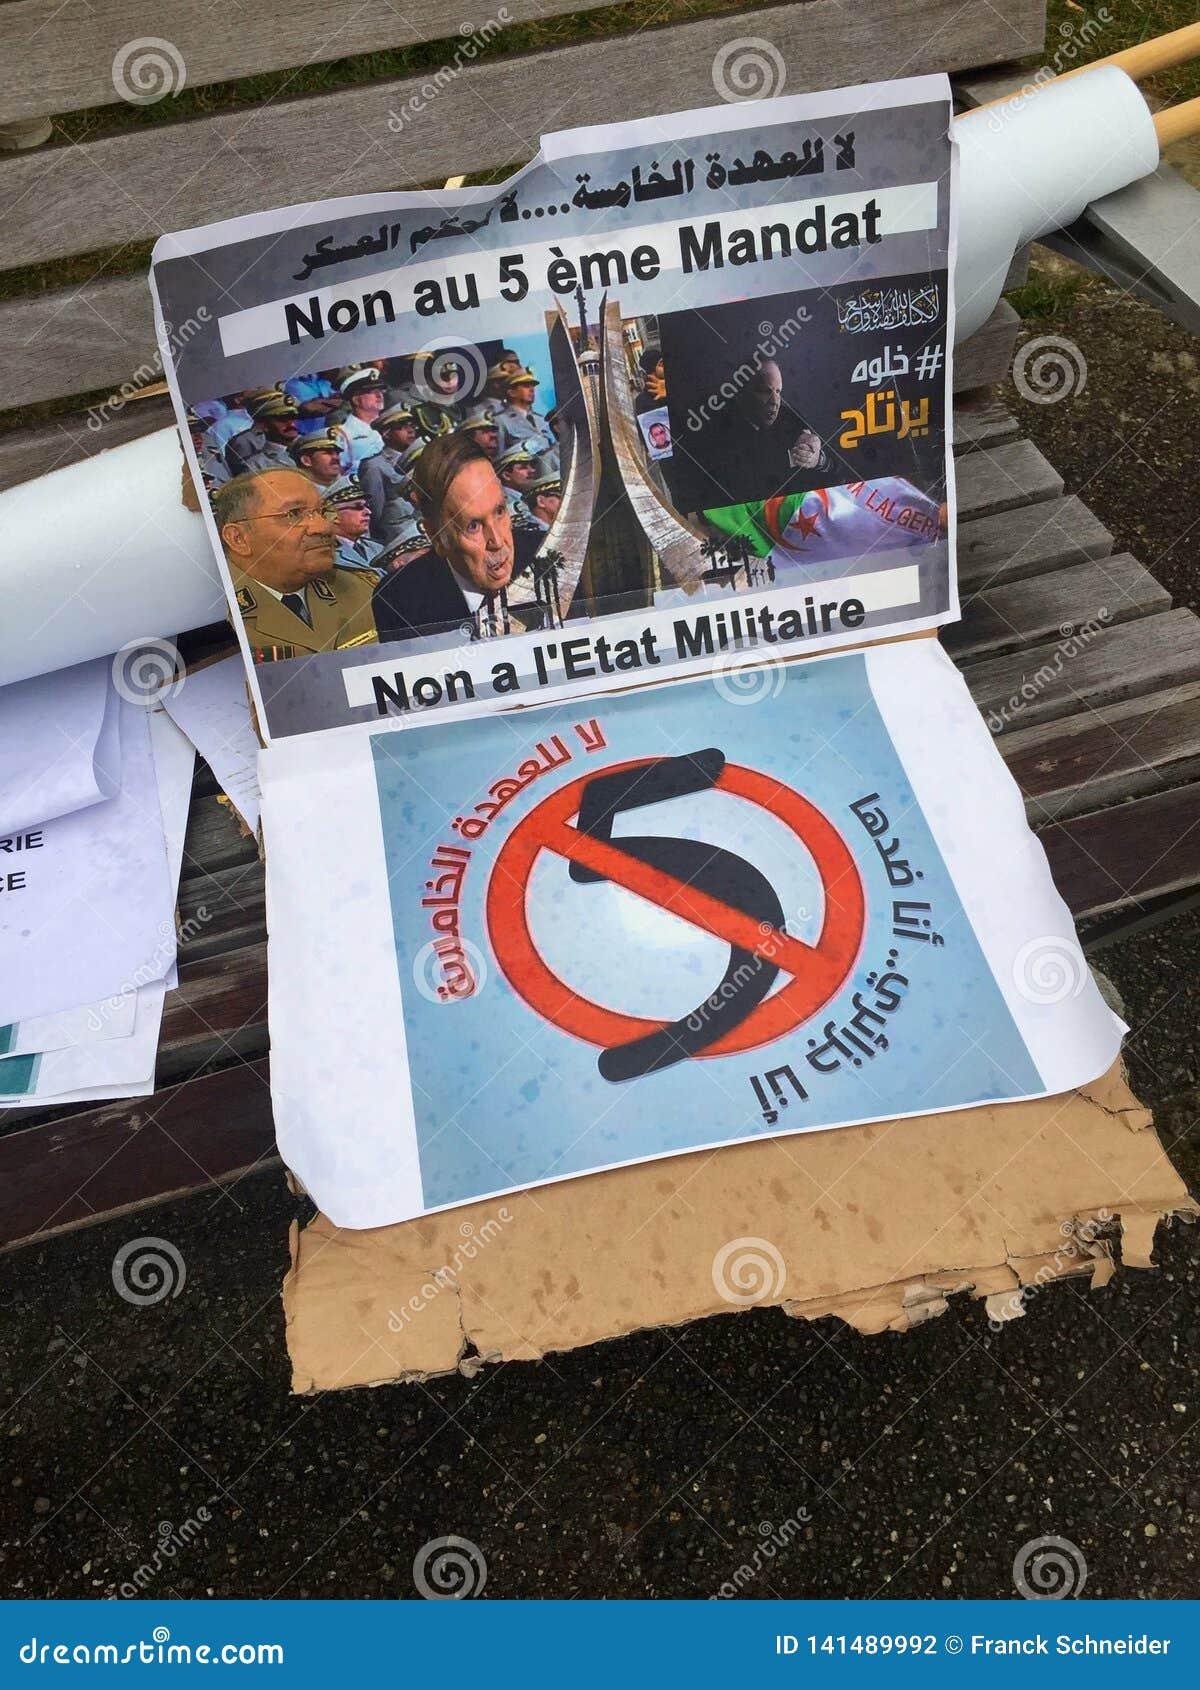 In Genève, vlieger tegen de kandidatuur van Bouteflika voor verkiezing in Algerije, voor de Hoge Commissaris voor Rechten van de